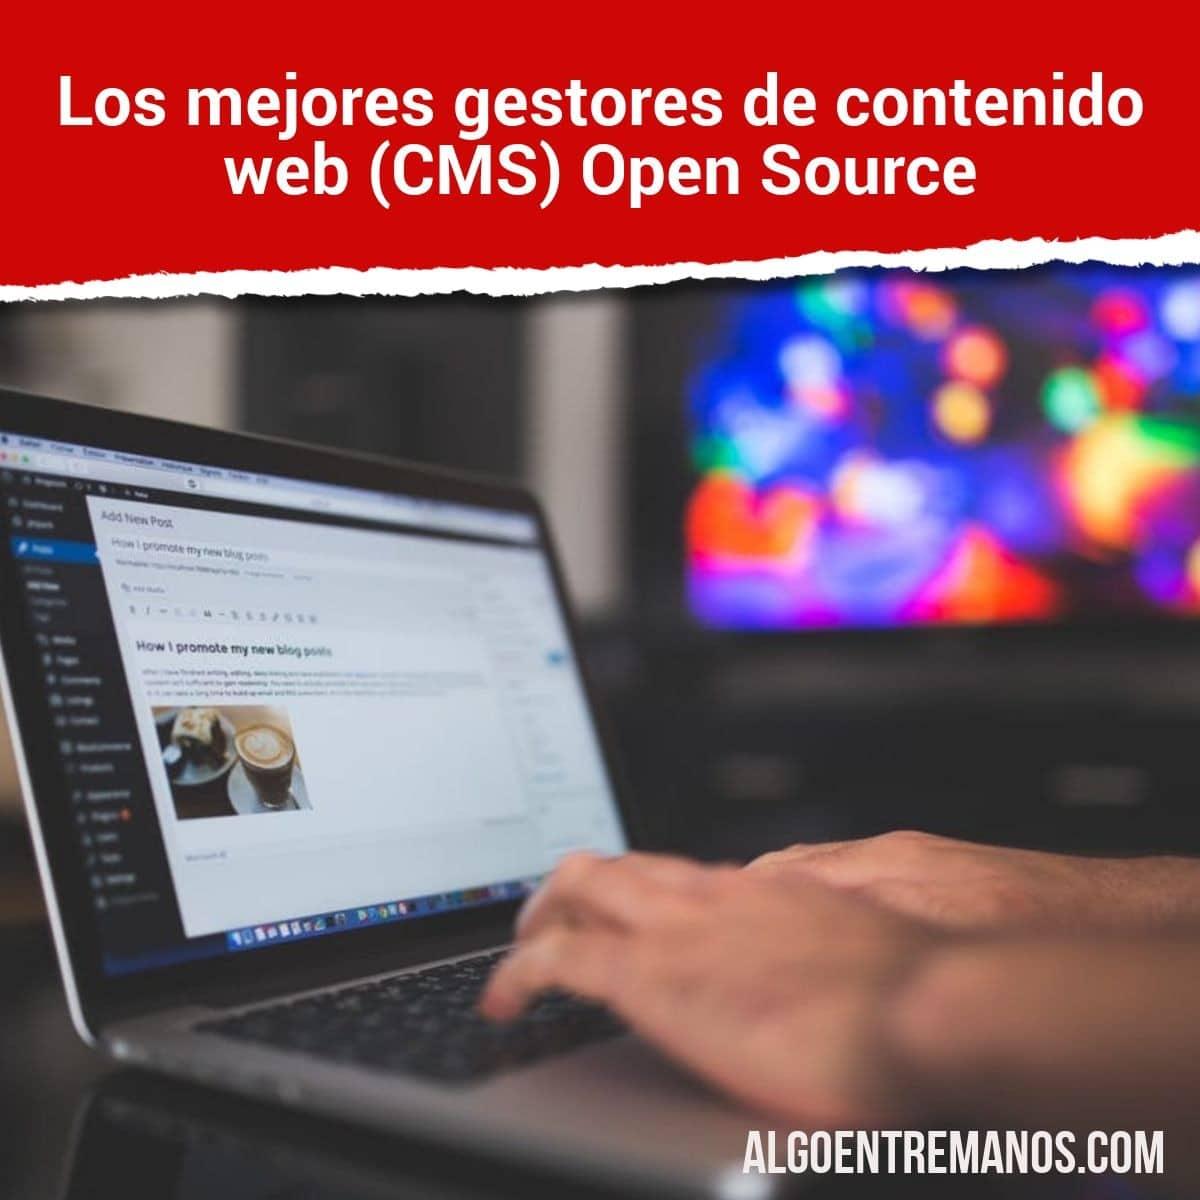 Los 7 mejores gestores de contenido web (CMS) Open Source